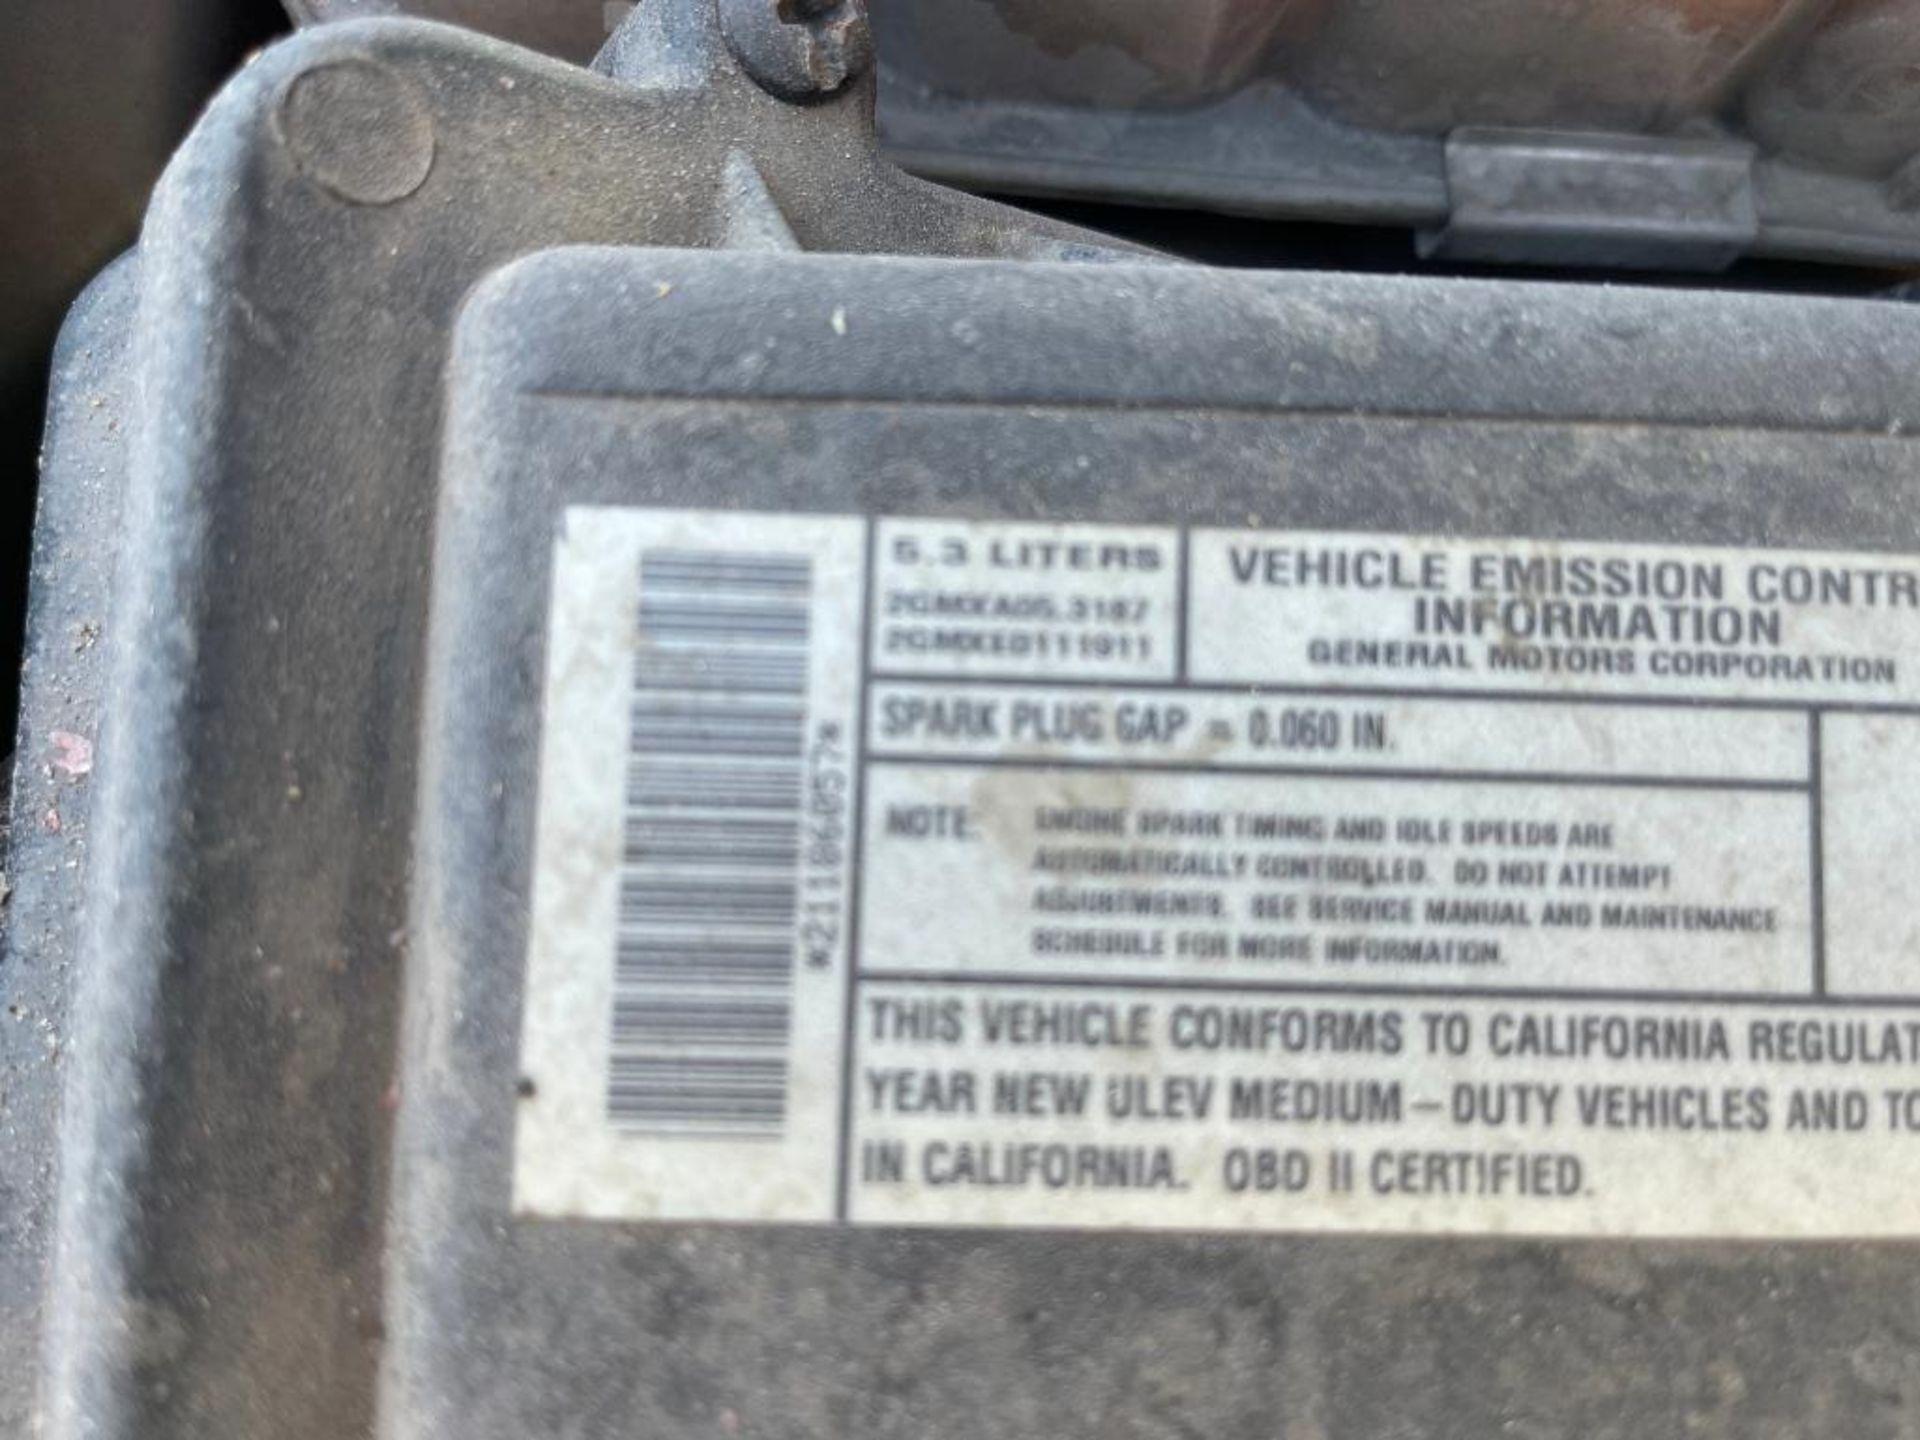 2000 Chevrolet Silverado 1500 LS - Image 3 of 27